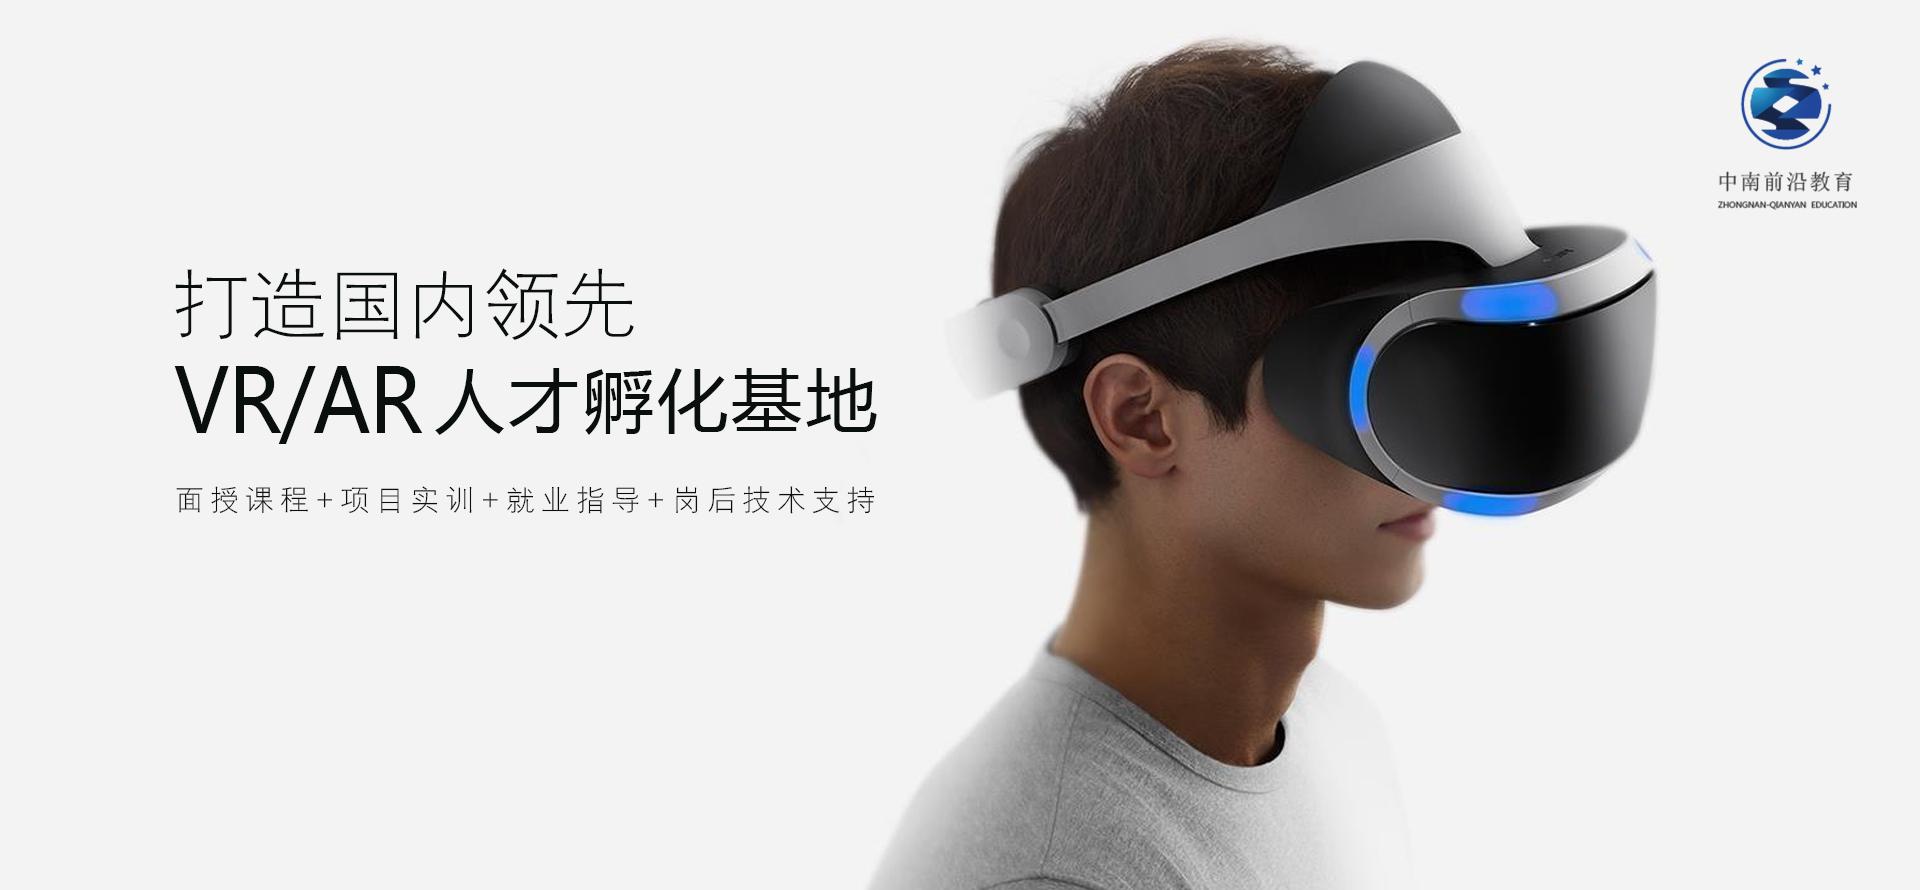 VR與3d的區別